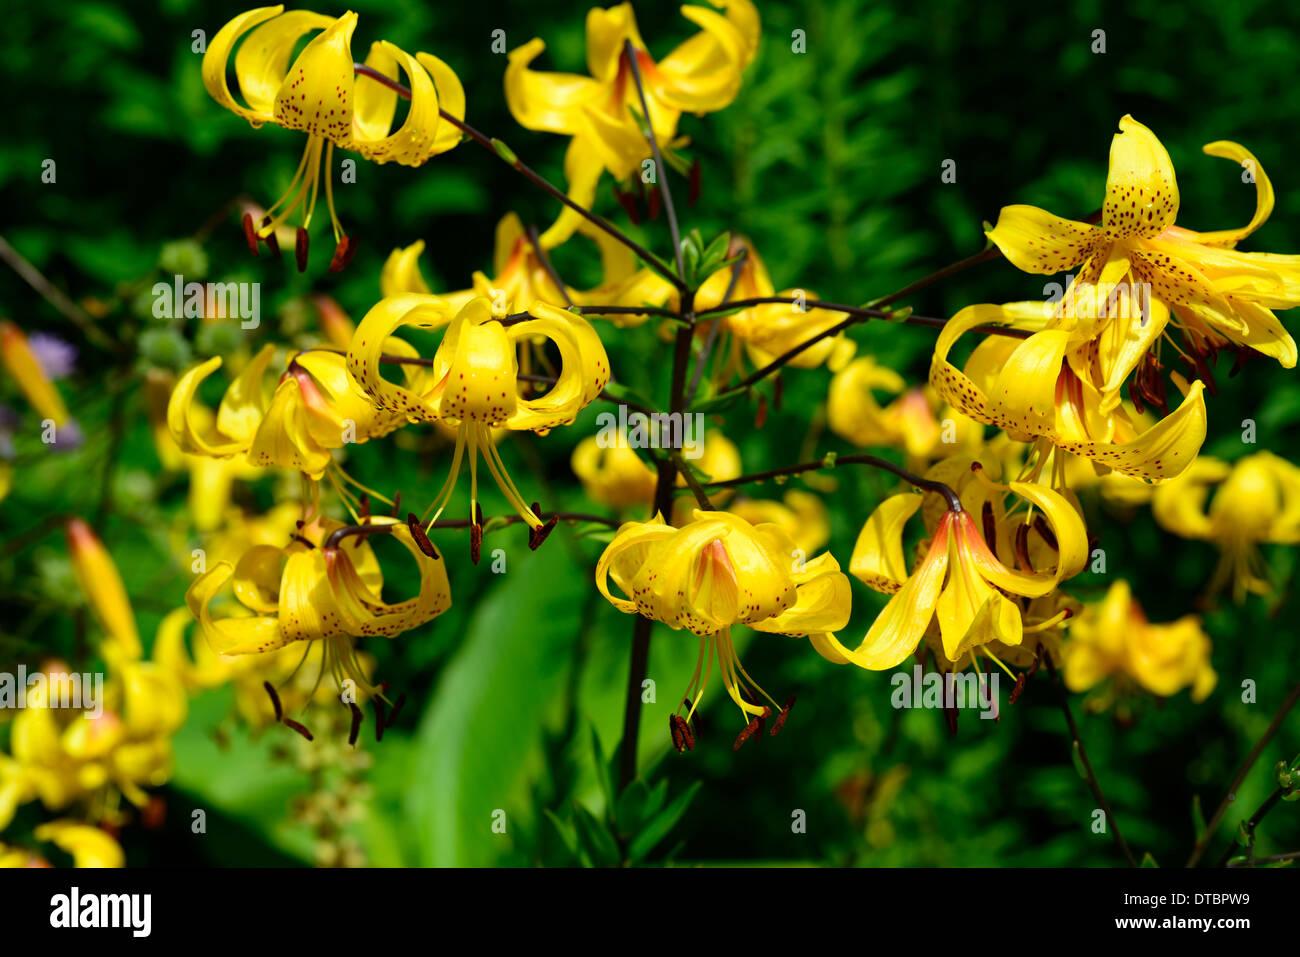 lilium leichtlinii gelb braun orange gesprenkelt markierungen blüten